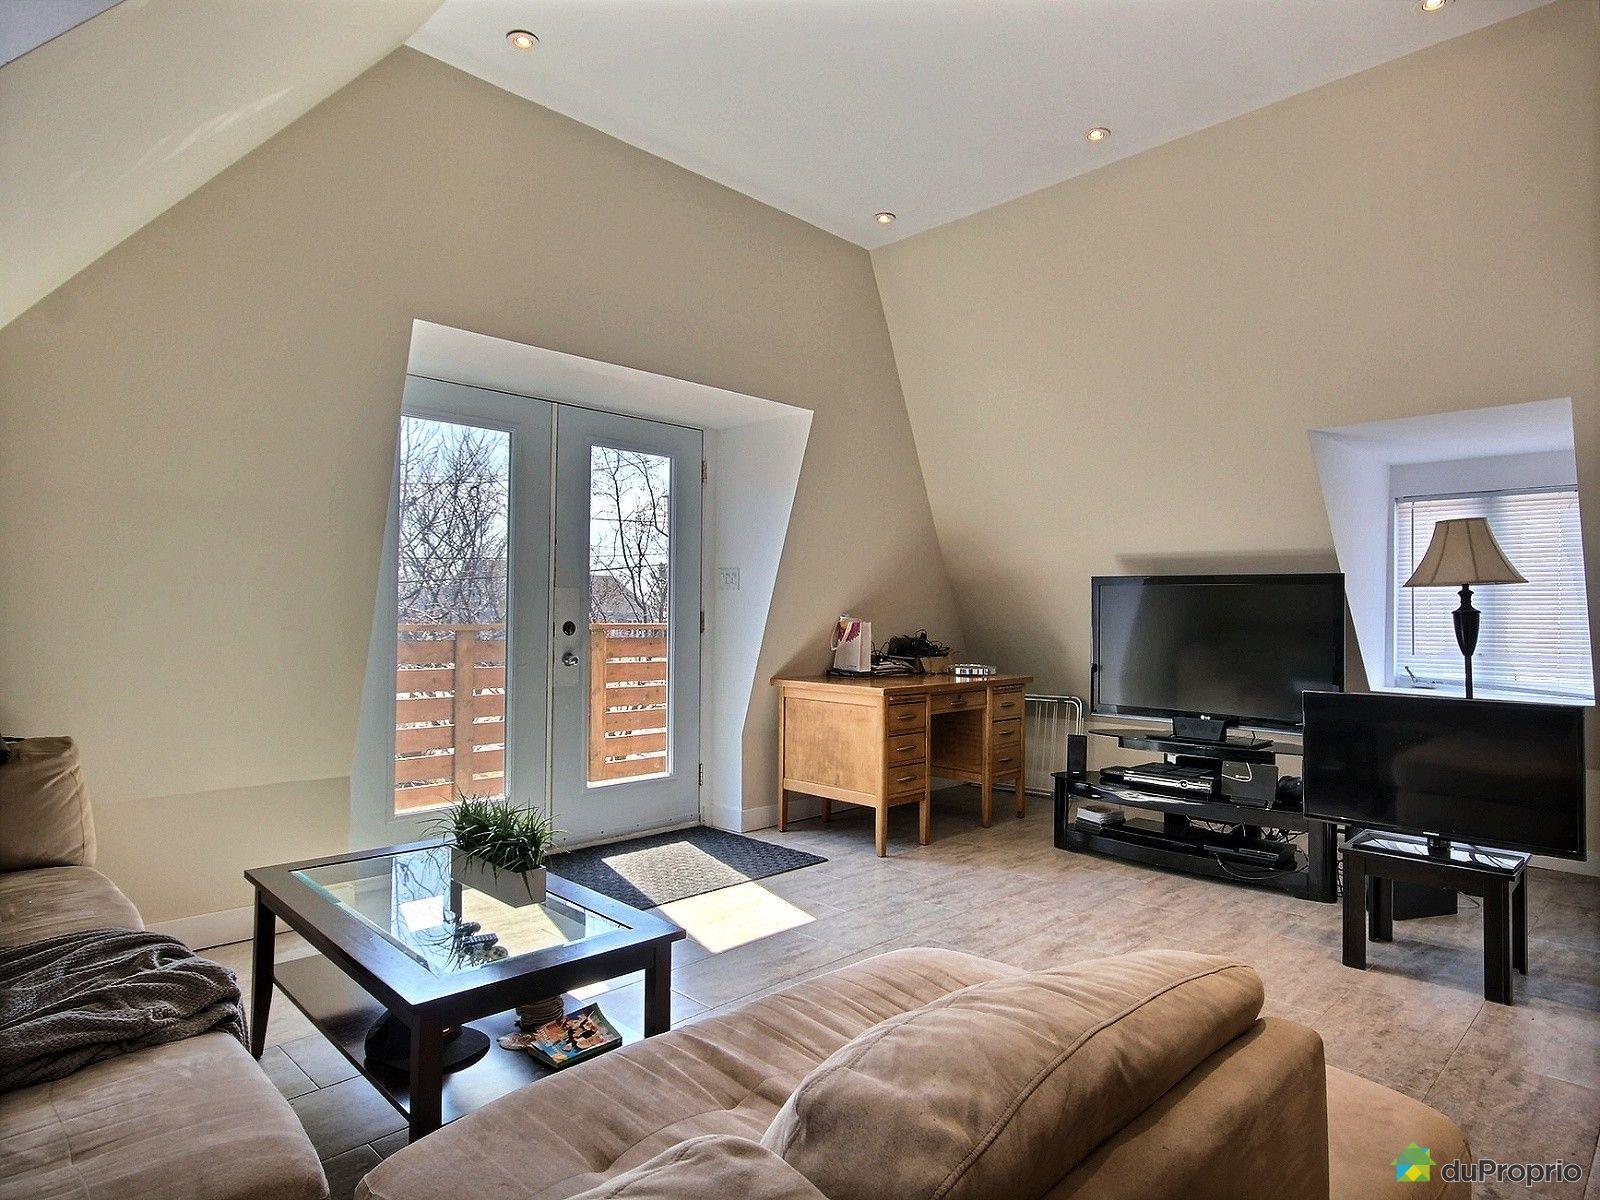 Maison vendre charlesbourg 9402 rue de chartres for Salon du logement